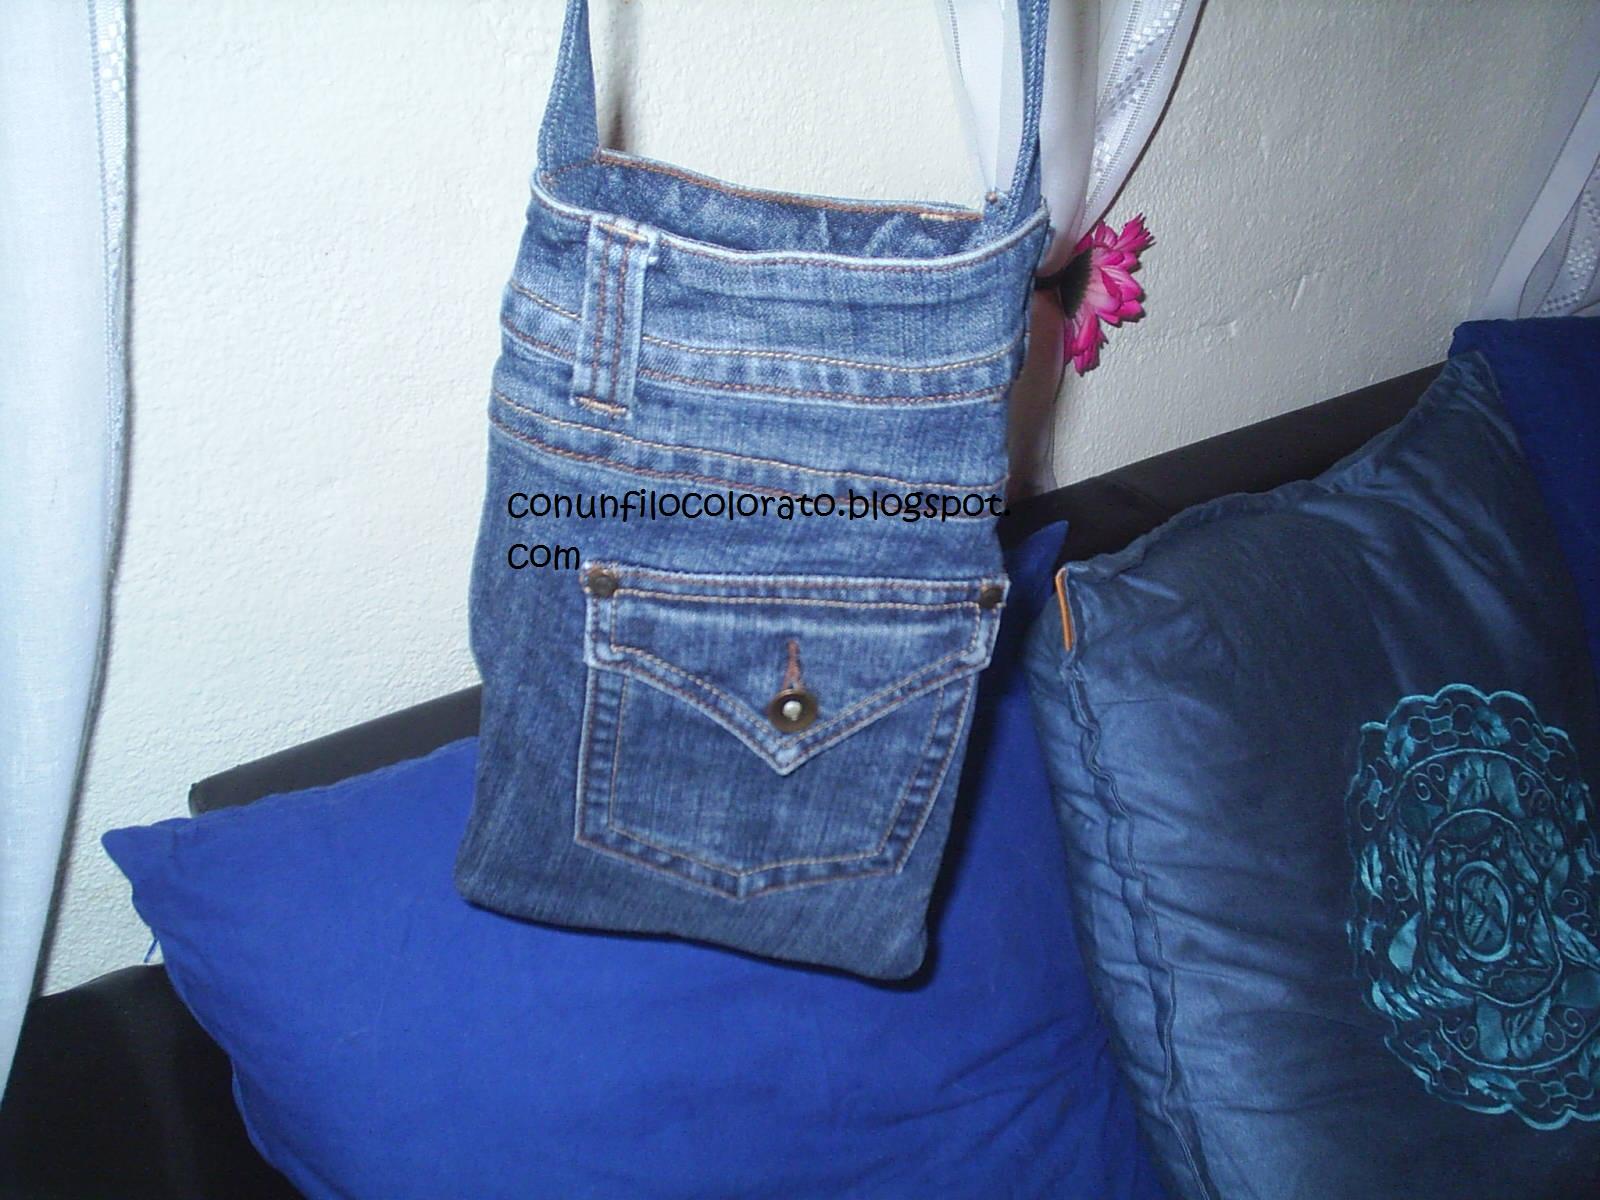 Con un filo colorato borse in jeans modelli vari for Borse fai da te jeans